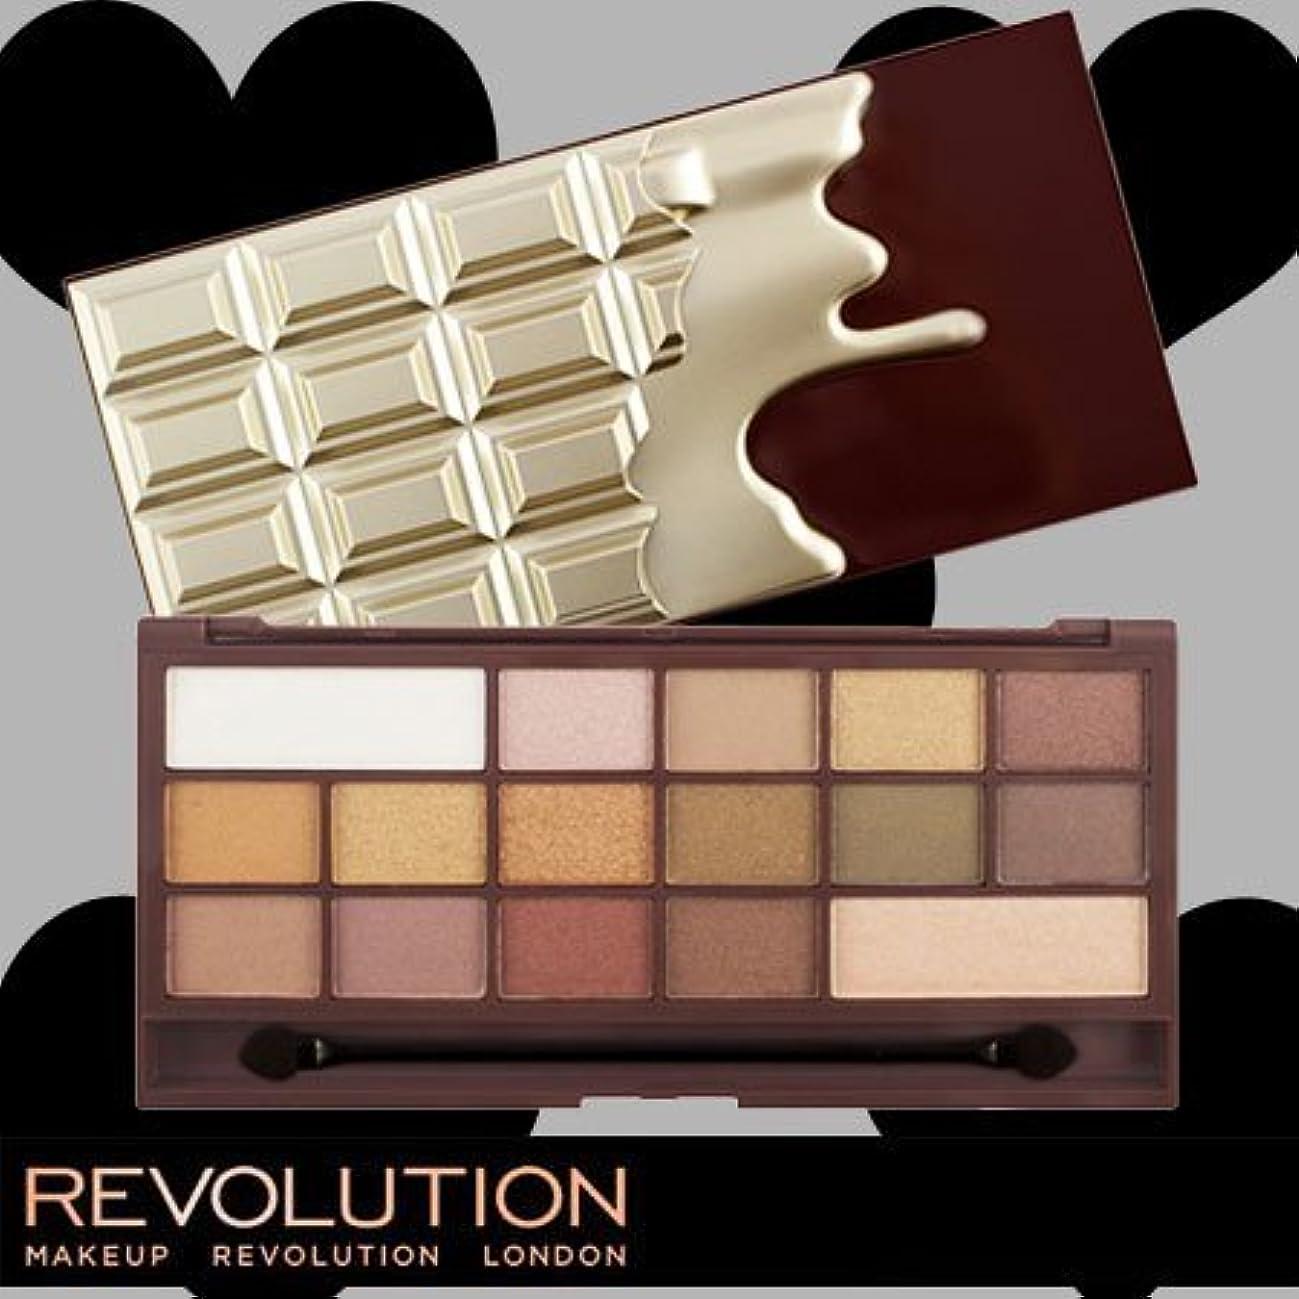 結論経験蓮メイクアップレボリューション アイラブメイクアップ アイラブチョコレート #ゴールデンバー 16色アイシャドウパレット -MAKEUP REVOLUTION-